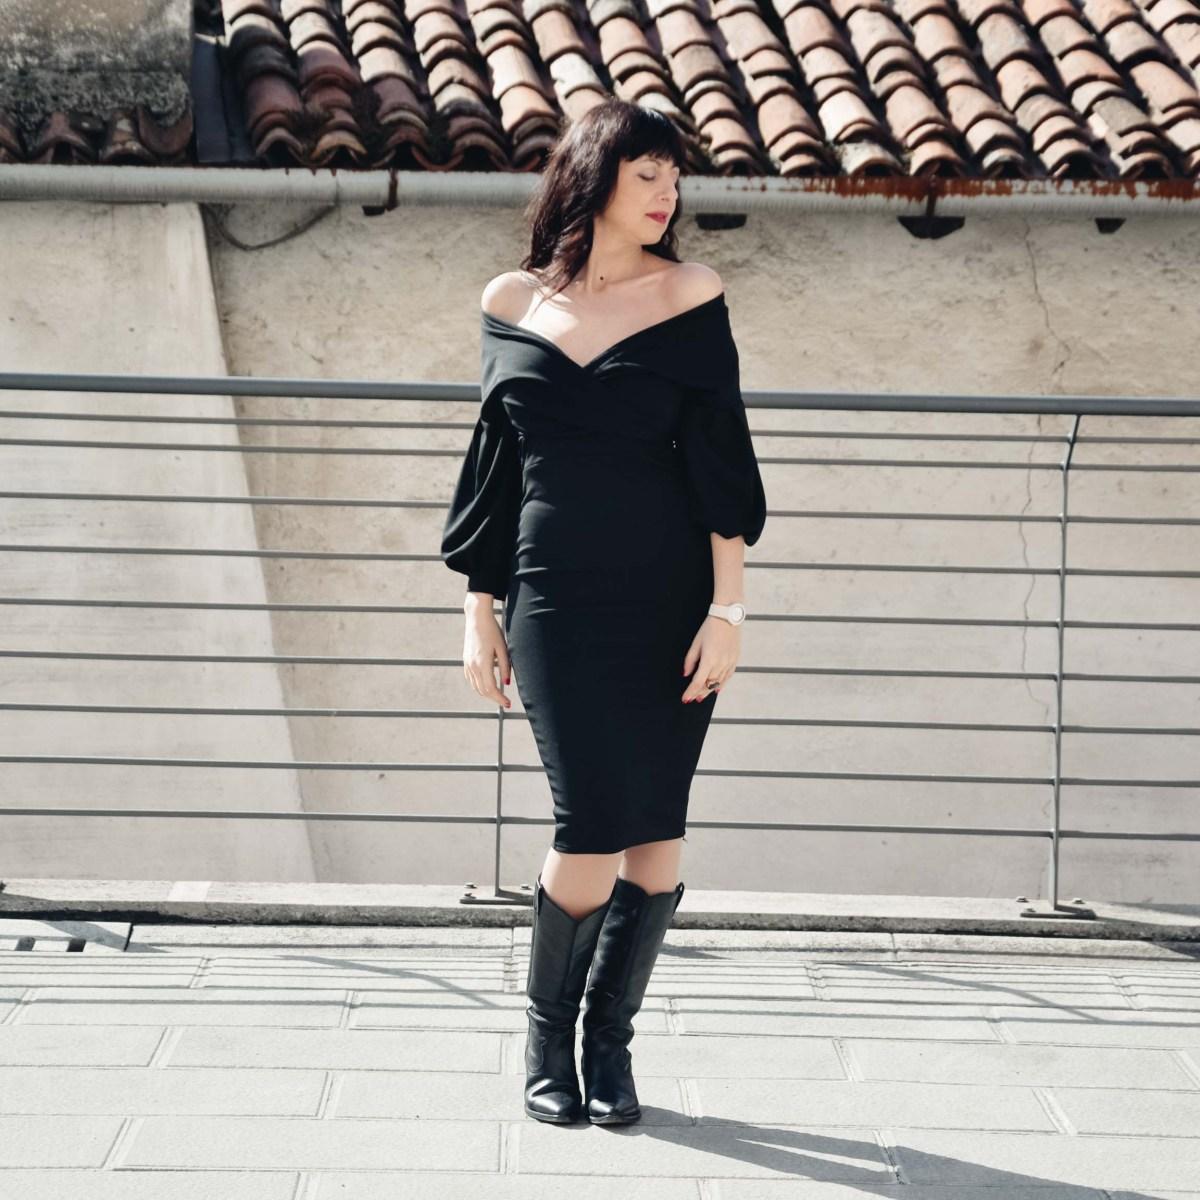 new style 59505 58861 Tubino nero, come sceglierlo: scopri quello perfetto per te ...